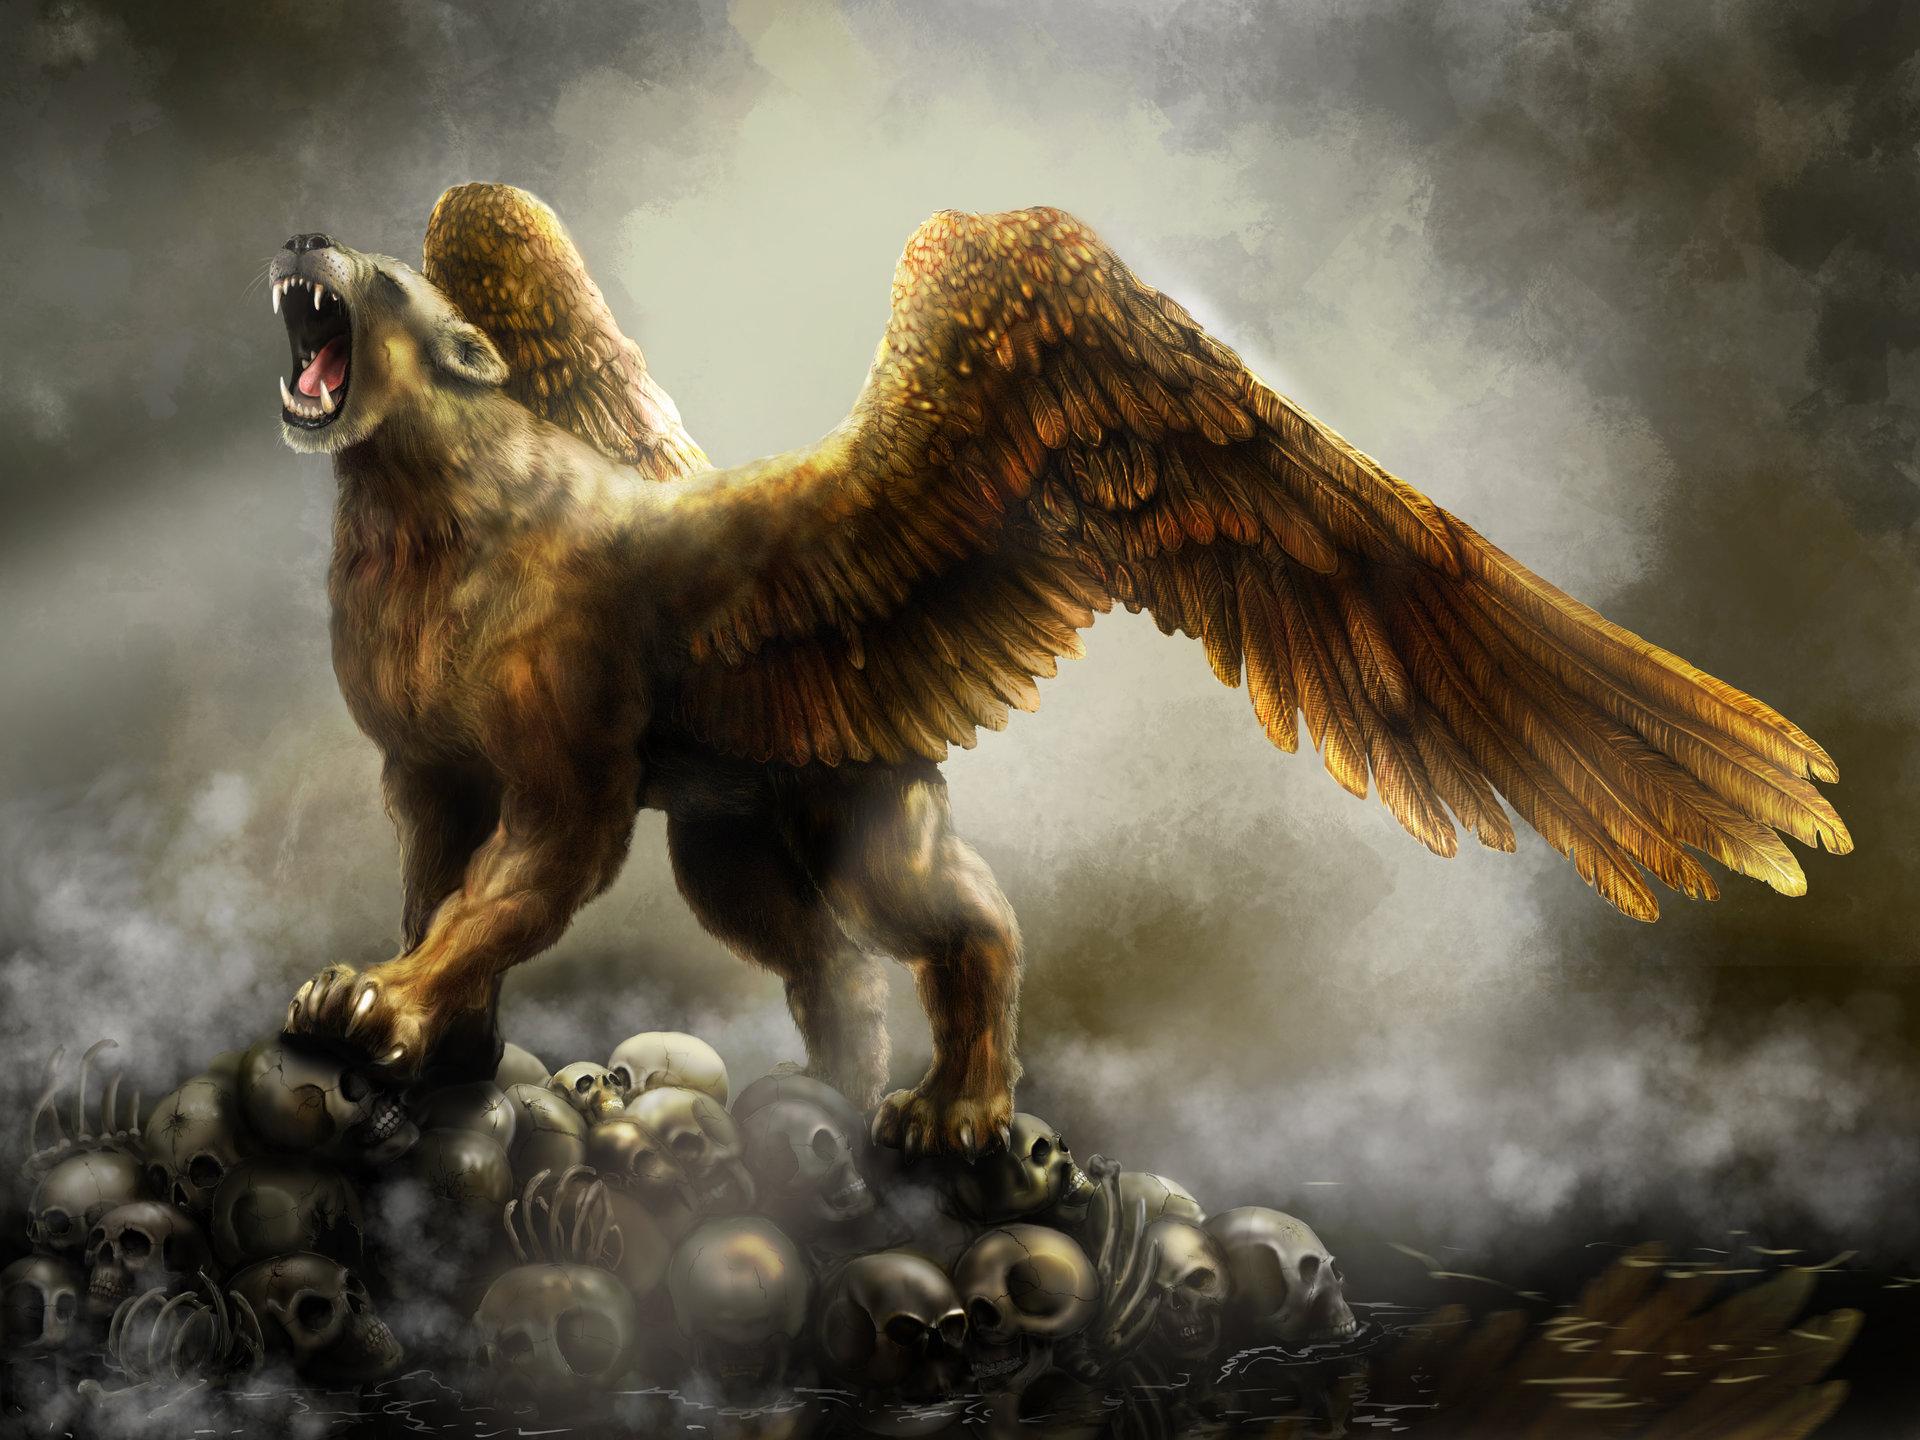 картинки львов с крыльями стараюсь